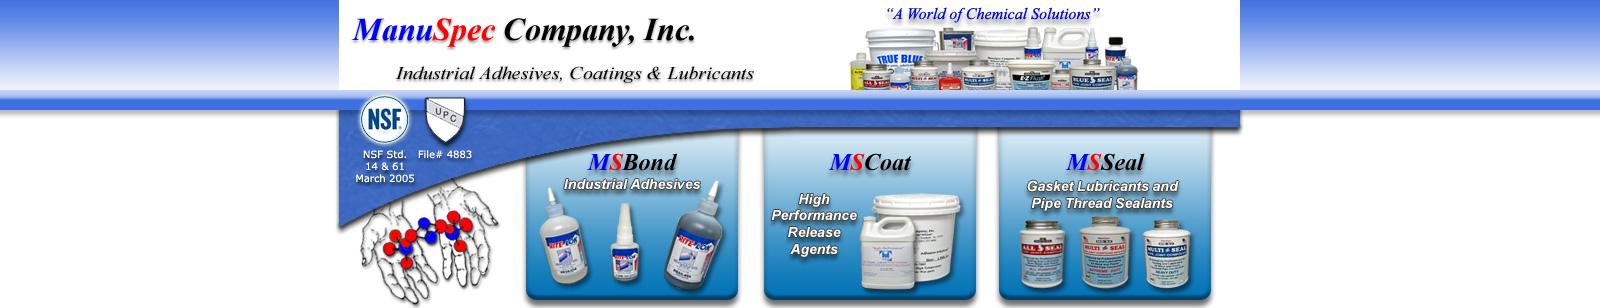 ManuSpec Company, Inc.-Banner